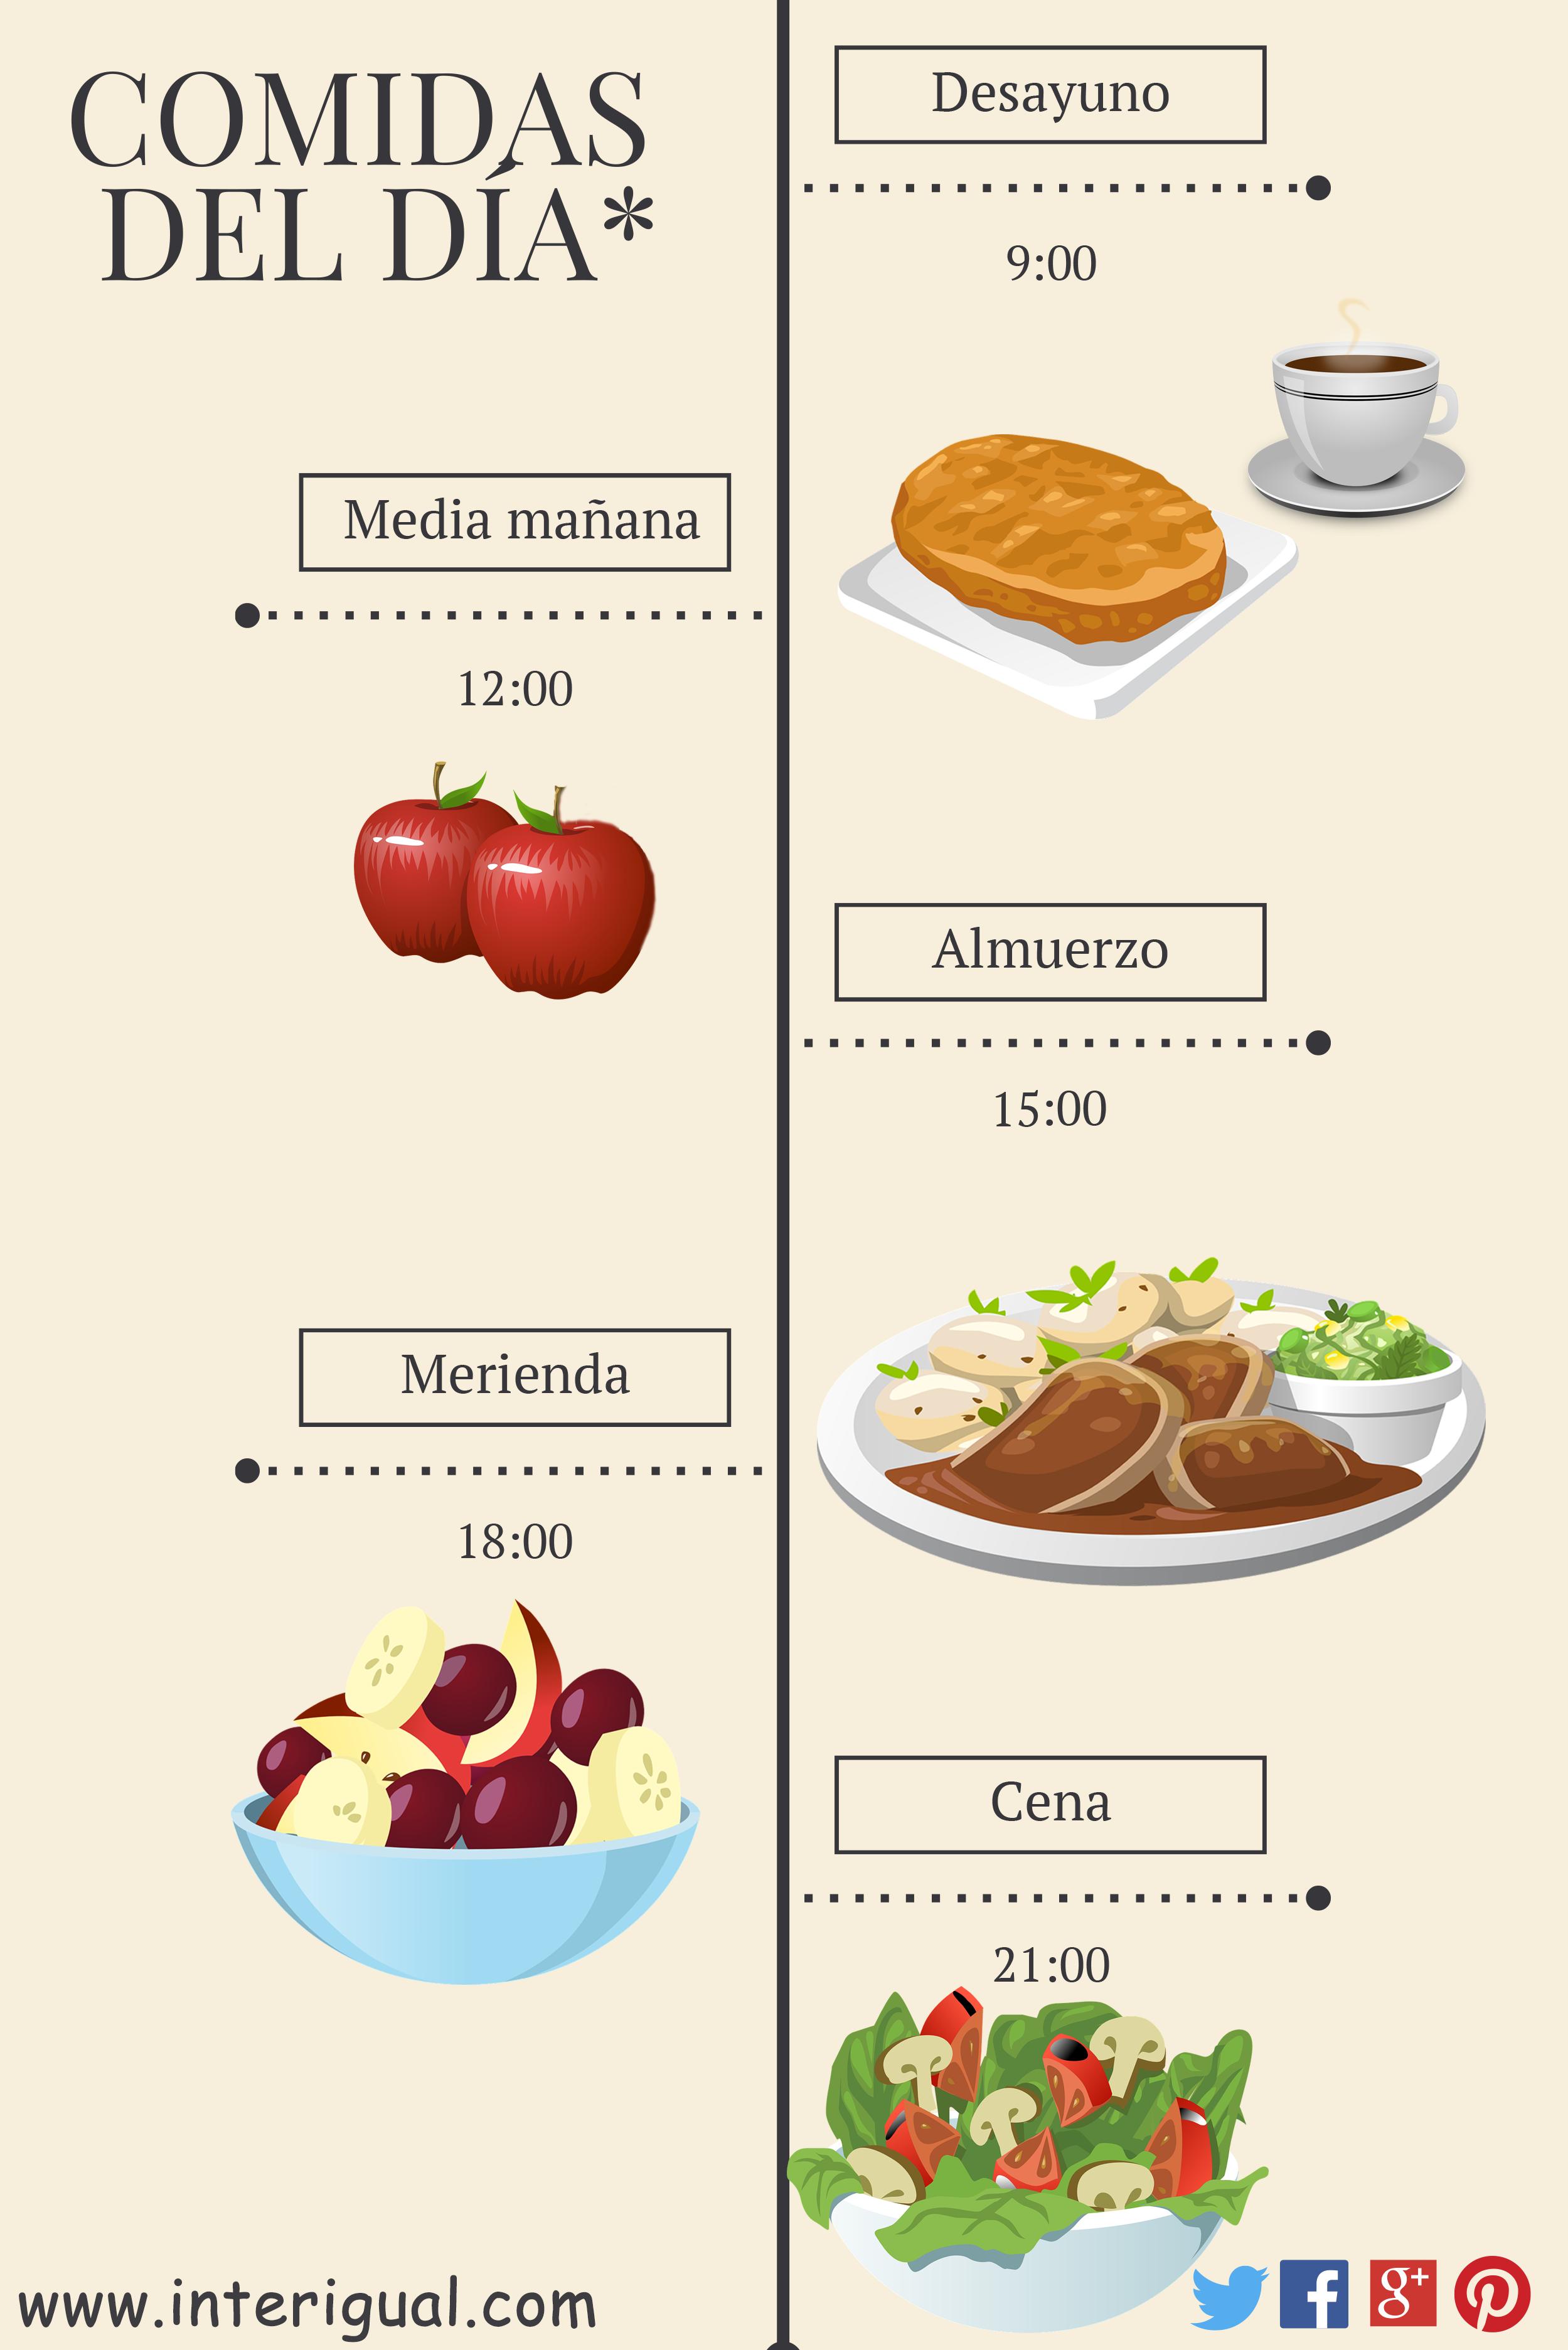 Por Supuesto Muchas Personas Desayunan Mas Temprano Tambien Segun Las Zonas A La Comida De